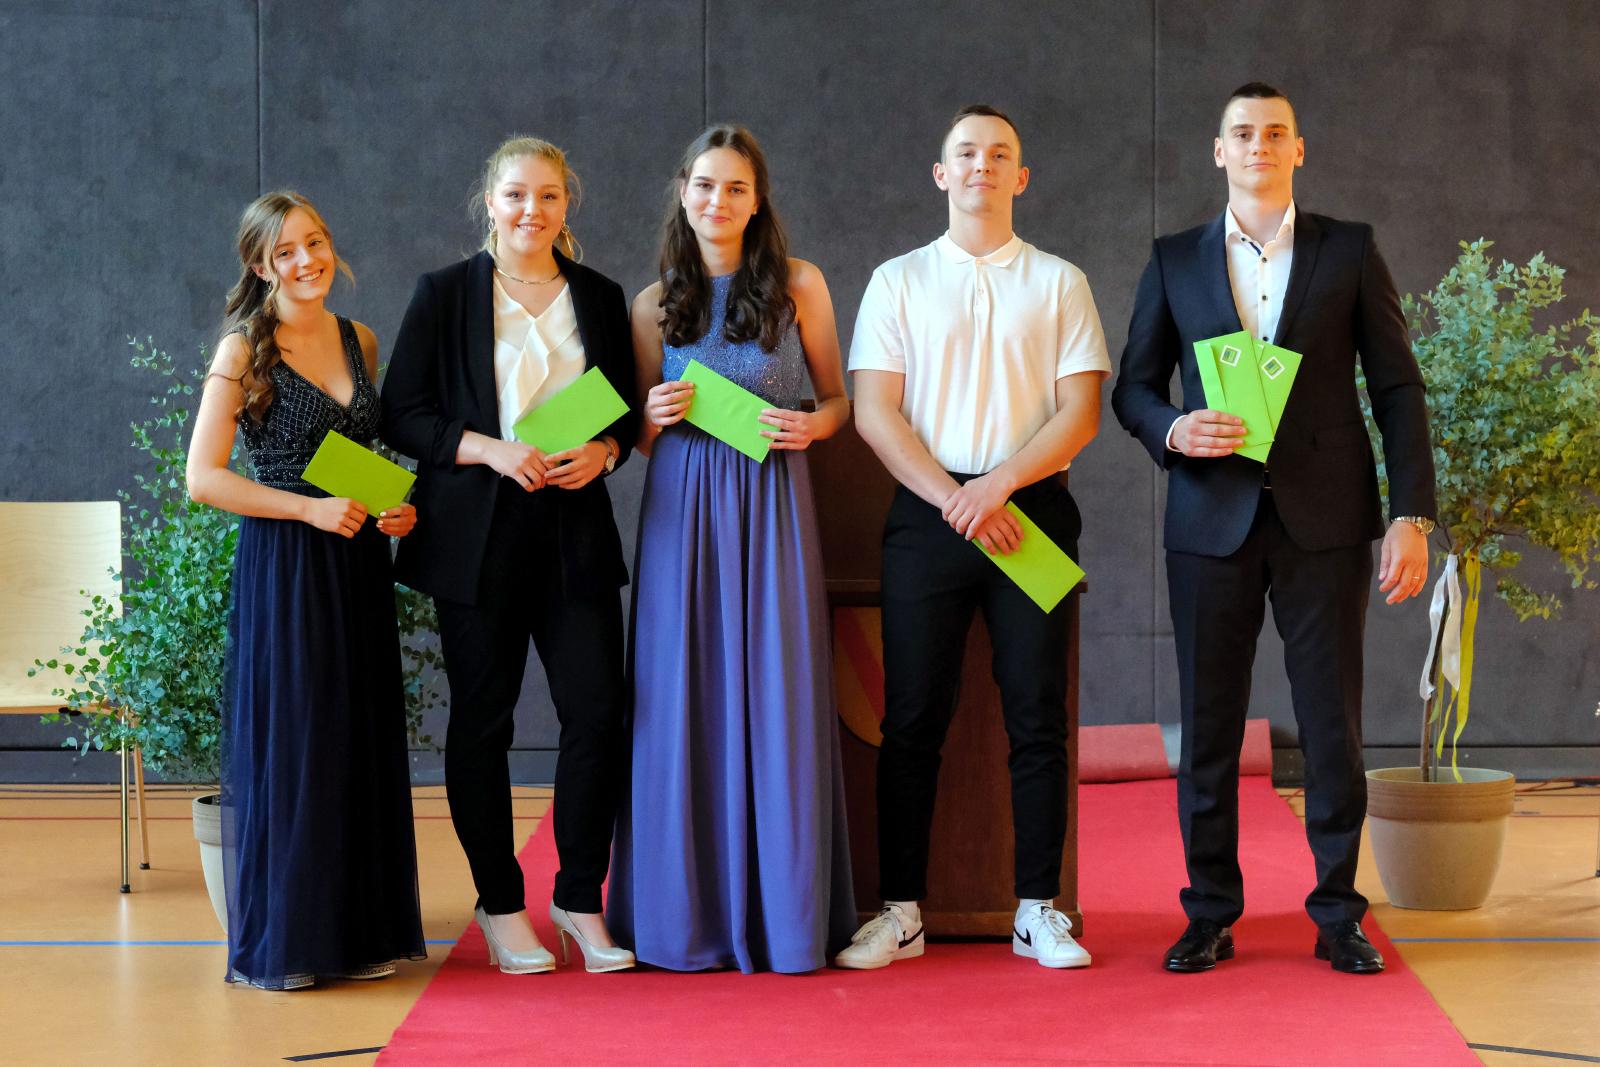 (Maik Uhlig, La-Photo.de): Preisträgerinnen und Preisträger der 13-3; Milena Huser (Scheffelpreis, li), Marcel Schwörer (bester Durchschnitt, weitere Sonderpreise, re)